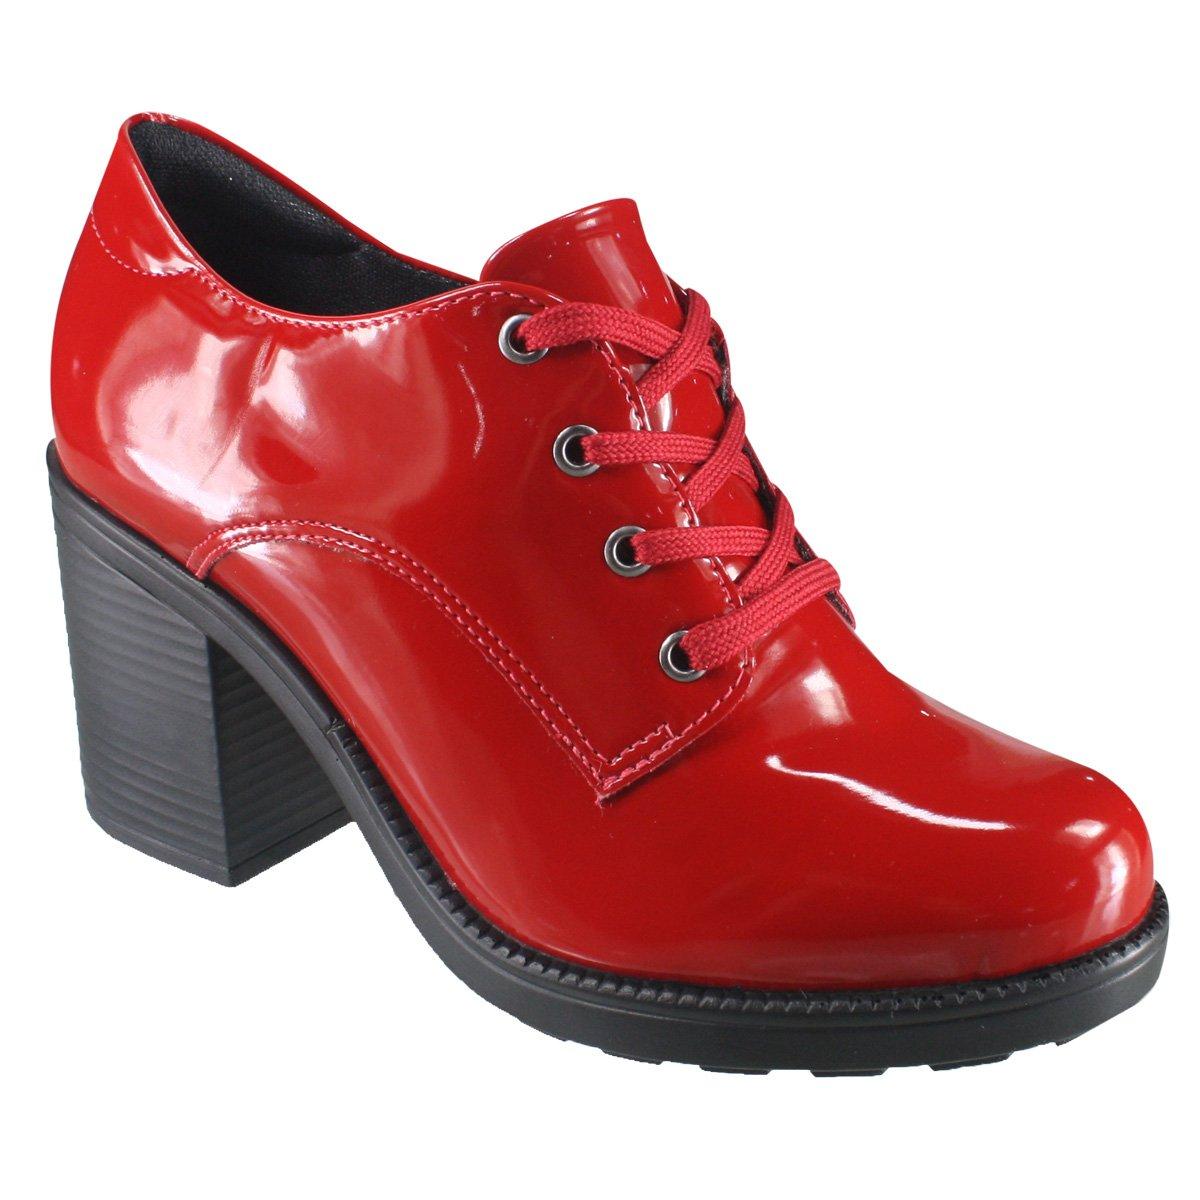 c91e5c8b9 Sapato Feminino Oxford Quiz 69-77102 - Vermelho (Verniz Soft ...